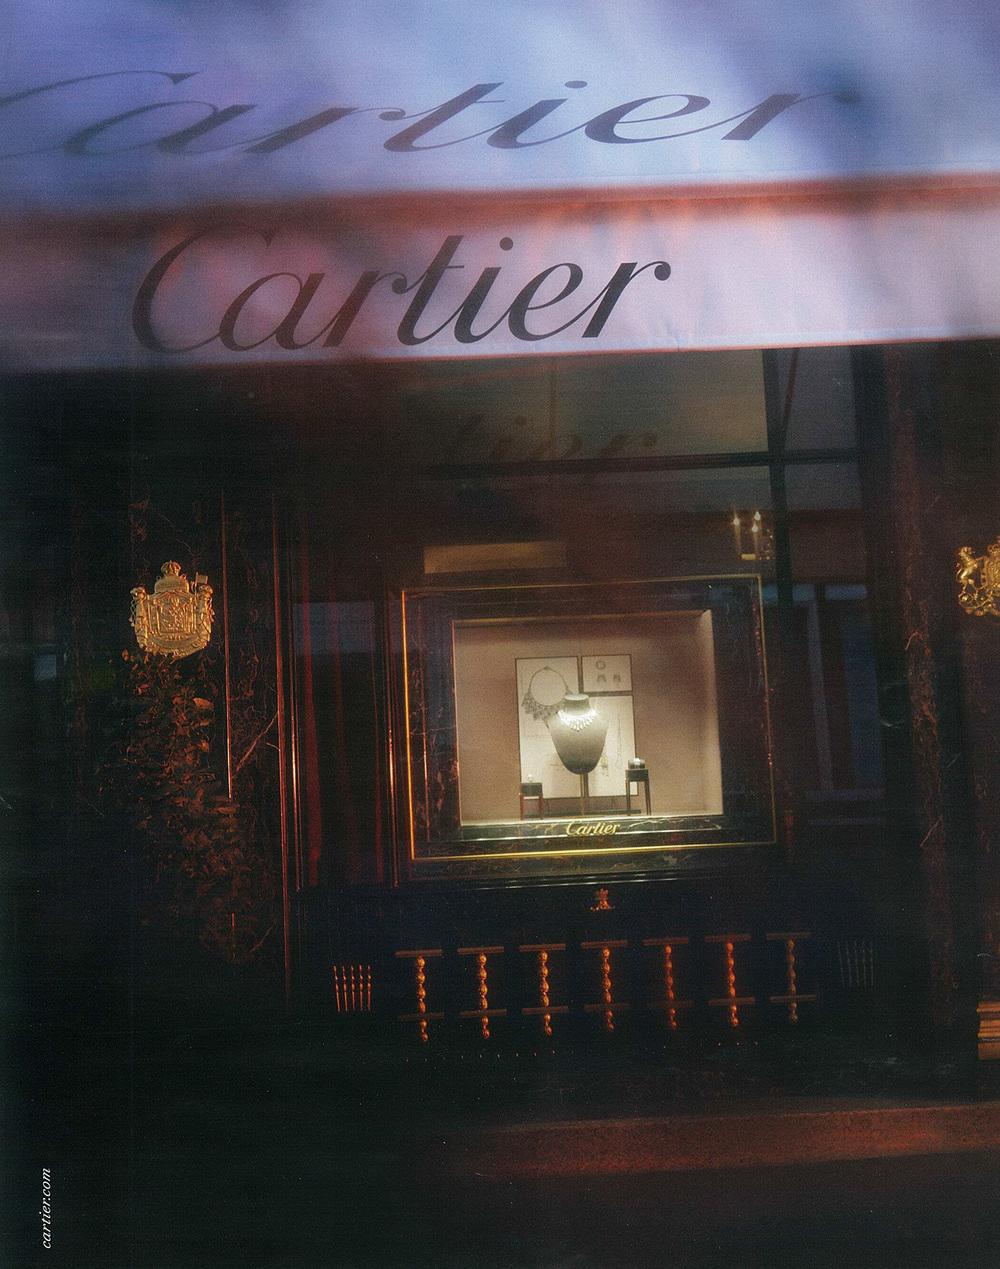 cartier_web.jpg